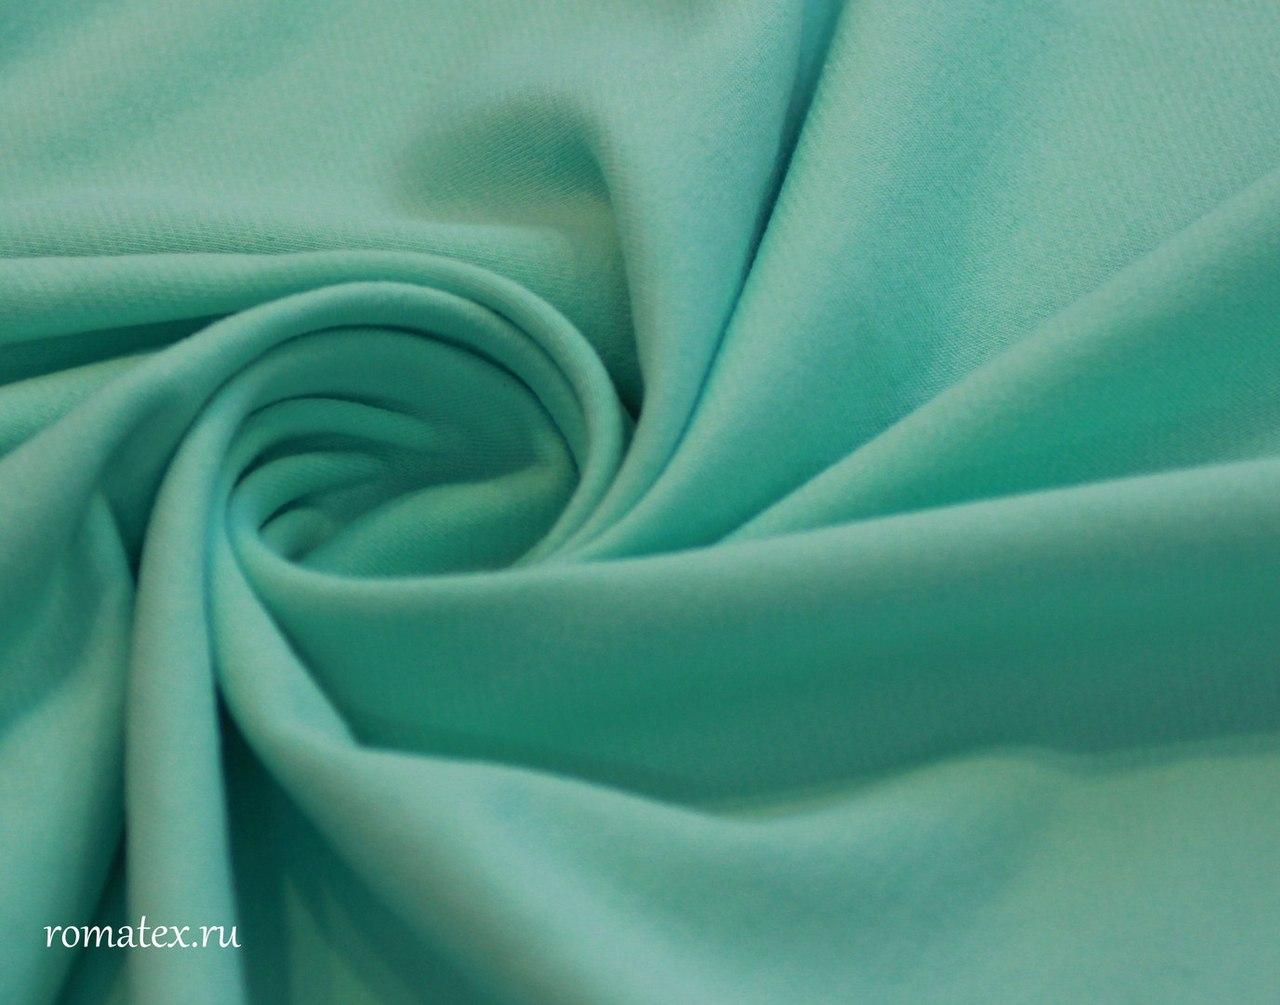 Ткань футер 3-х нитка петля цвет мятный